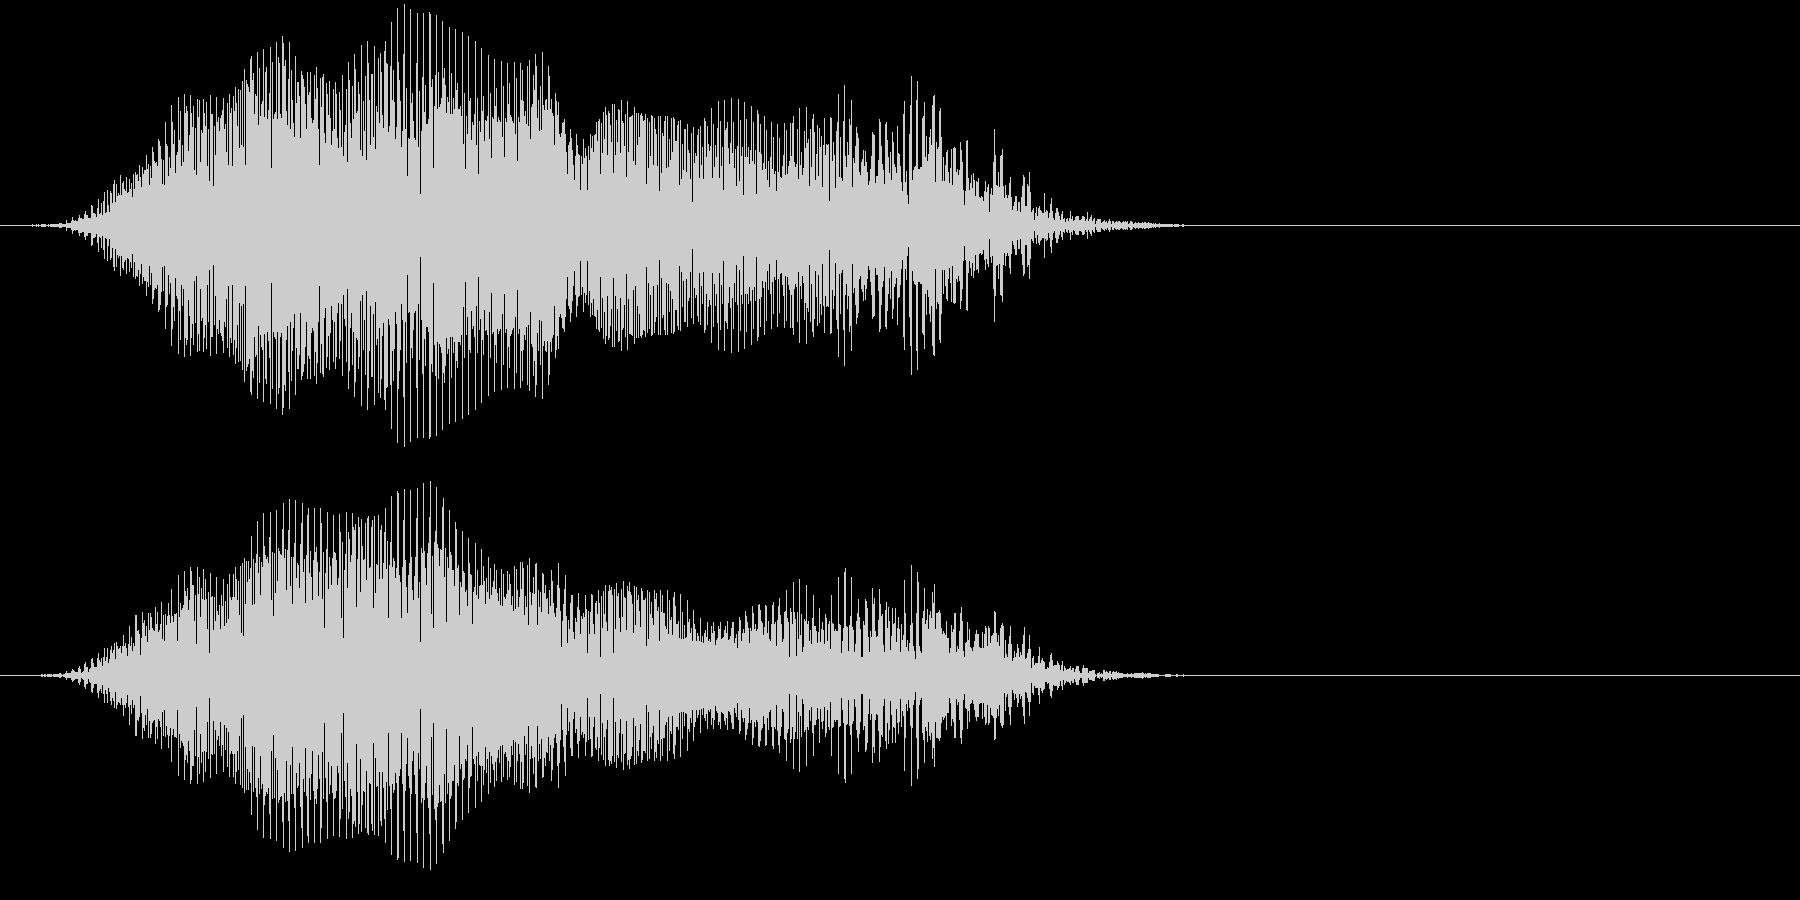 「猫の鳴き声010」なーおver2の未再生の波形